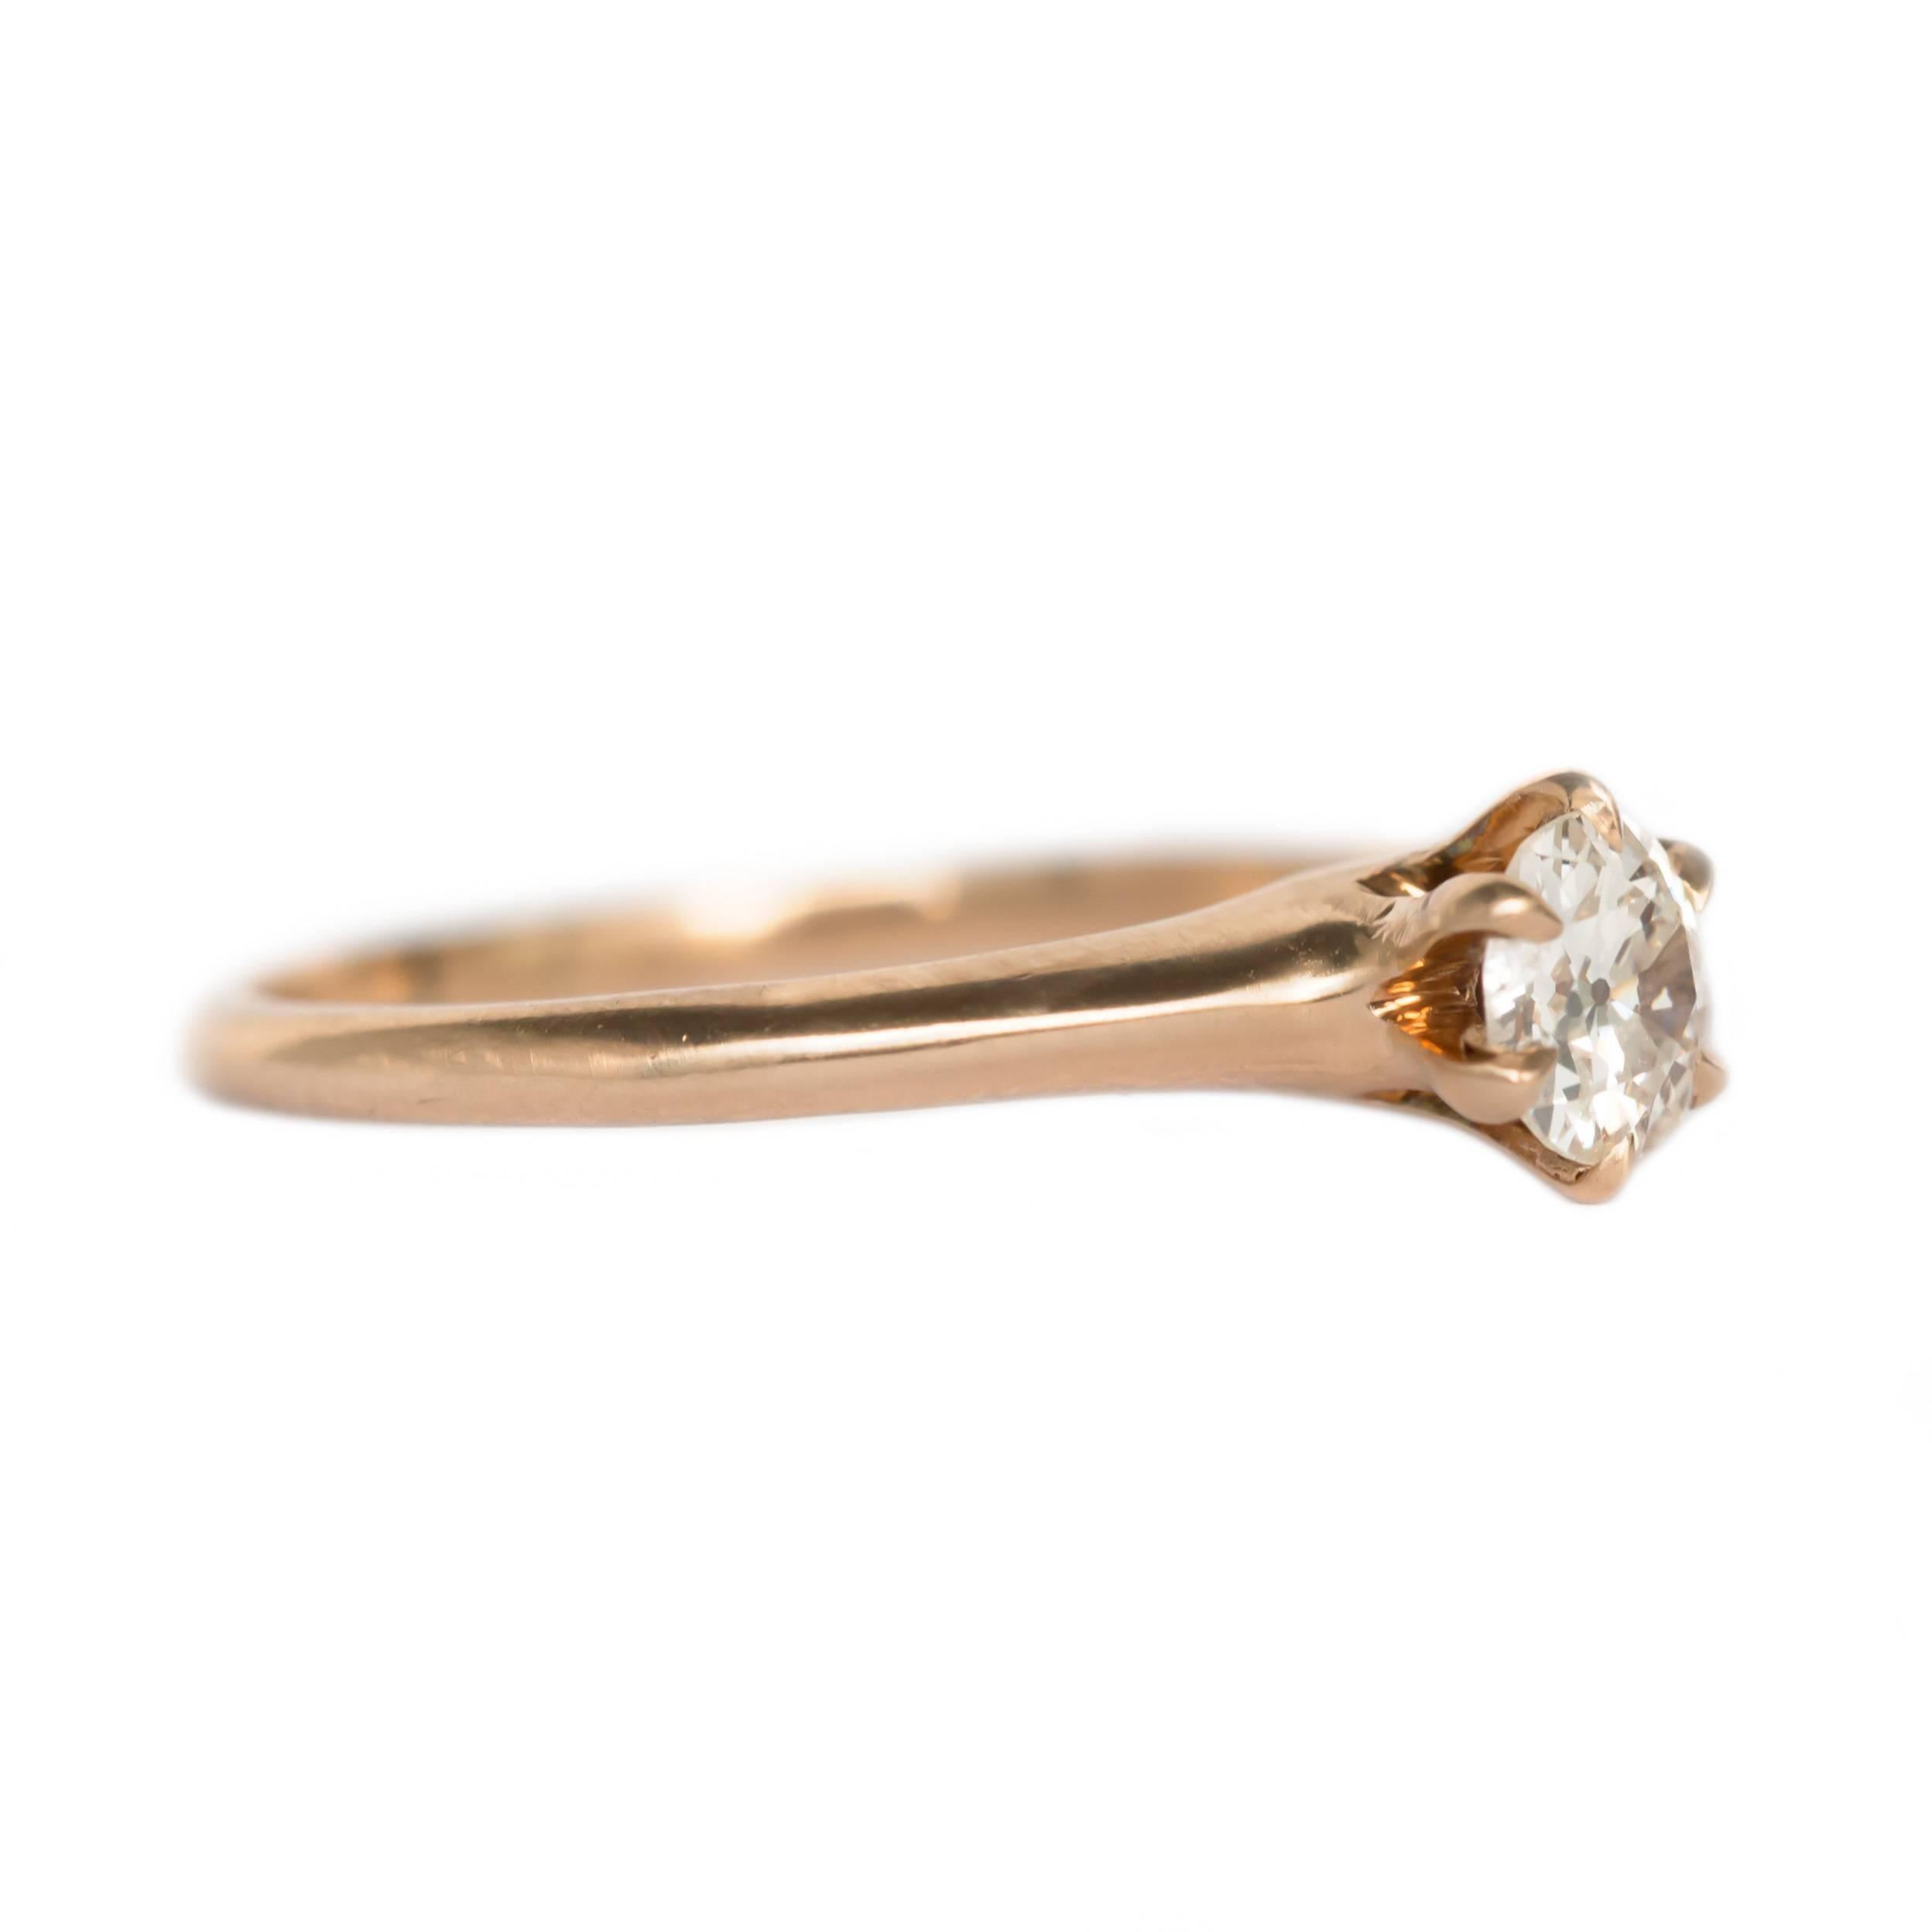 25 Carat 10 Karat Yellow Gold Engagement Ring For Sale at 1stdibs